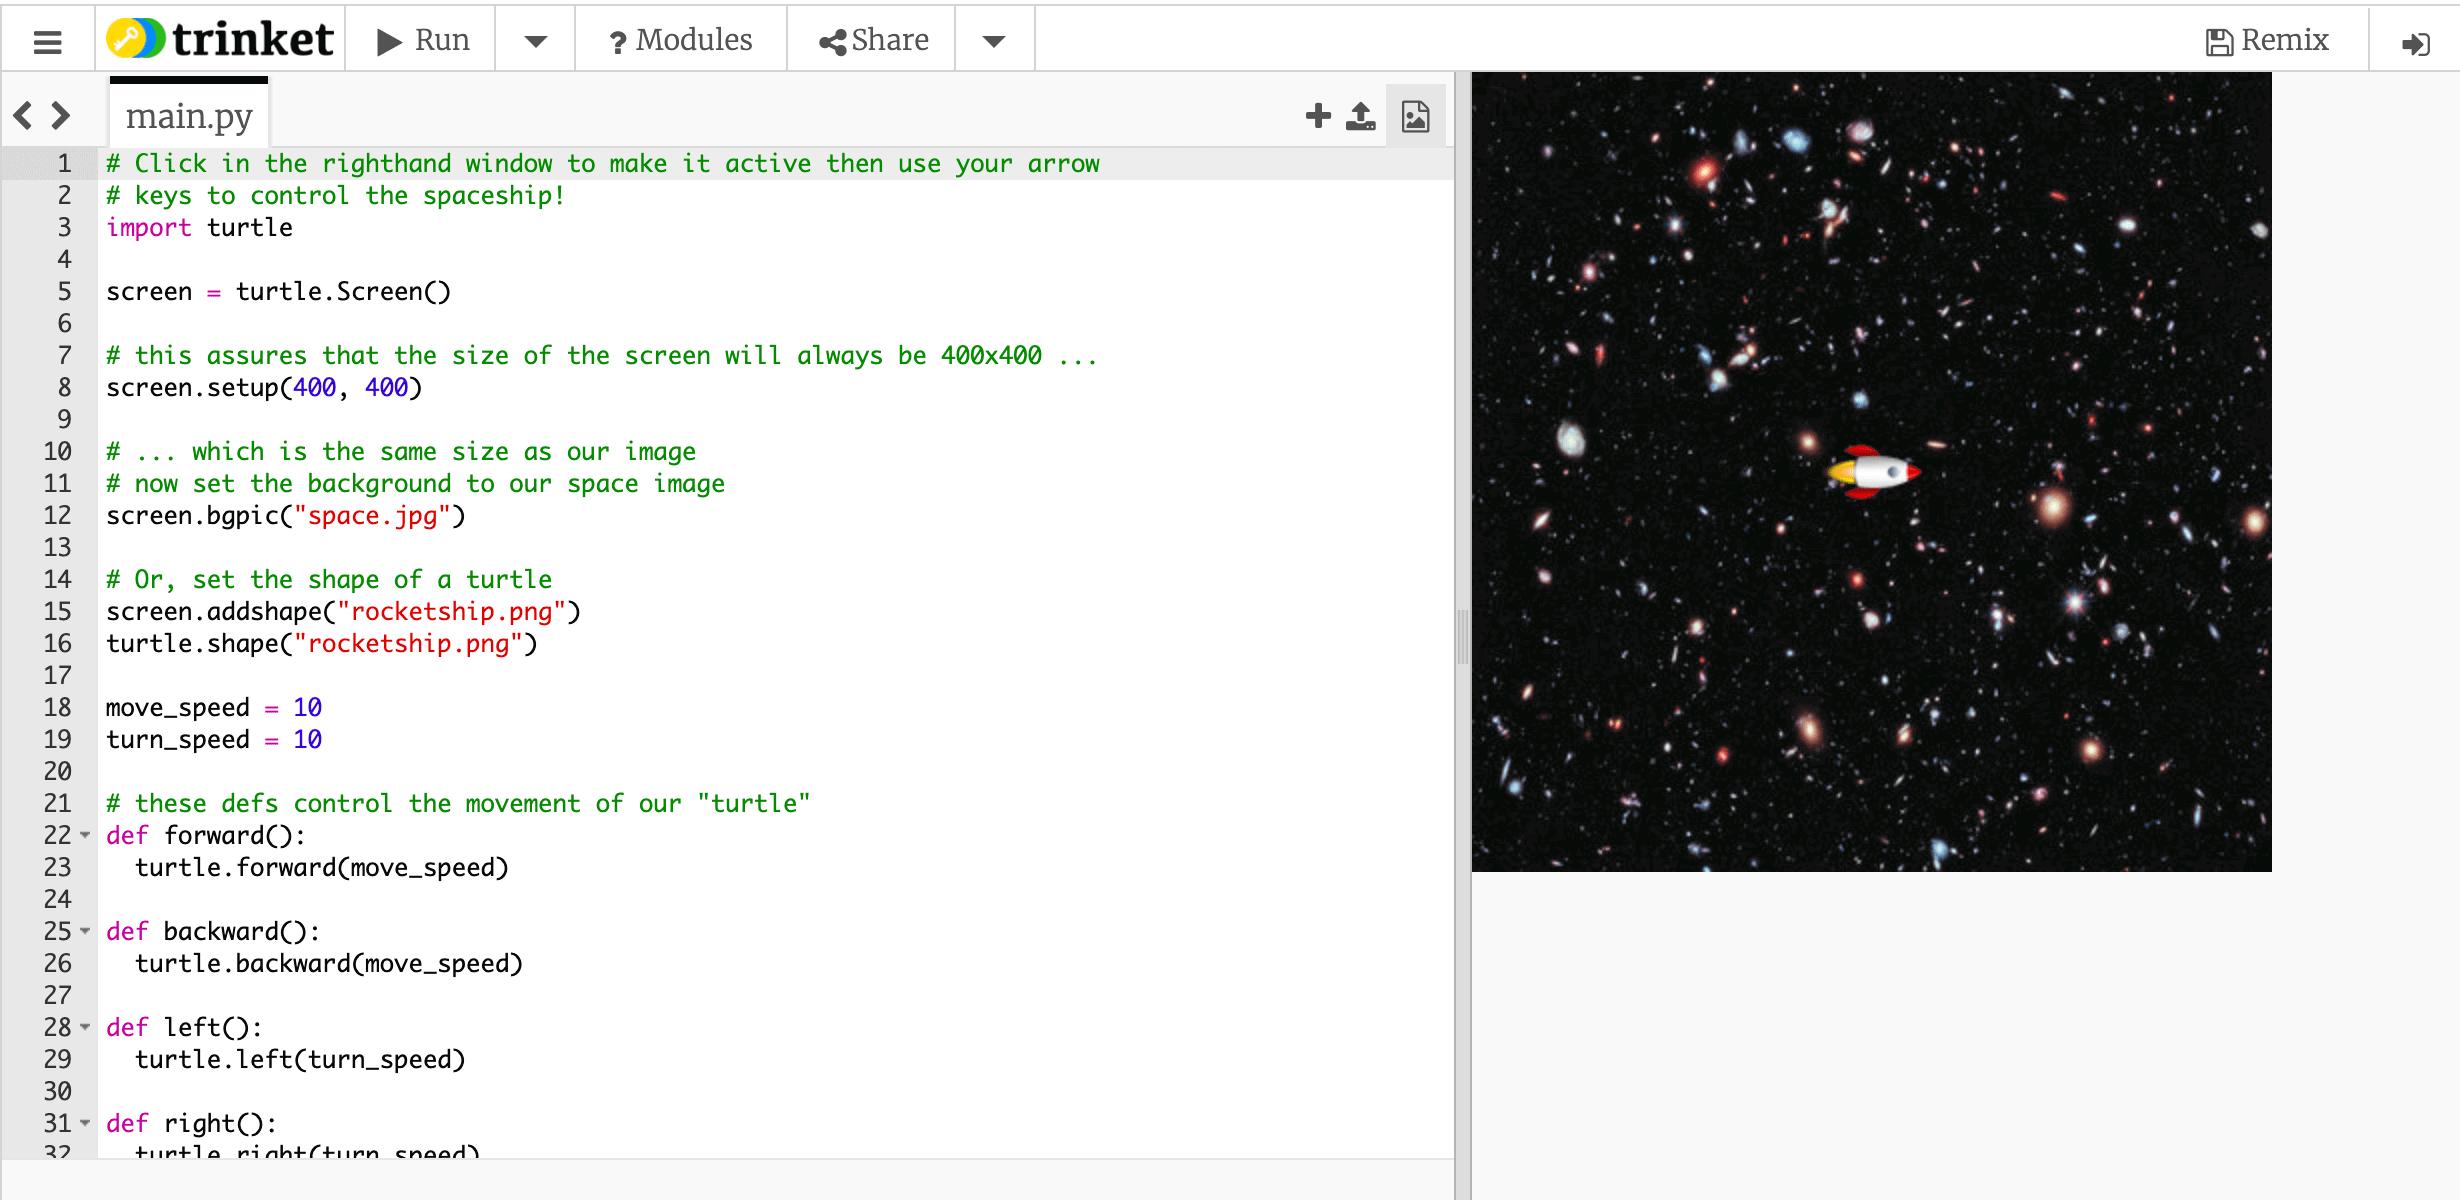 【めっちゃ簡単】pythonコードをwordpressに埋め込み、実行・編集までできるツール